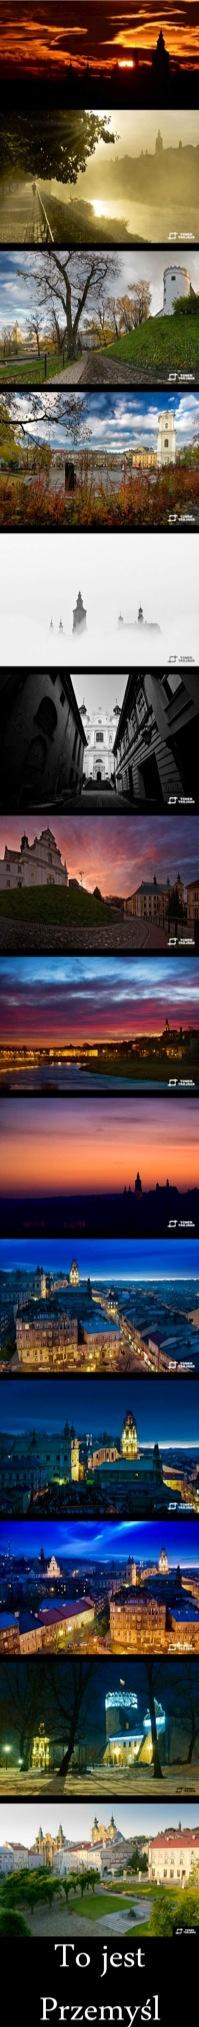 This is Przemyśl, Poland - my hometown!